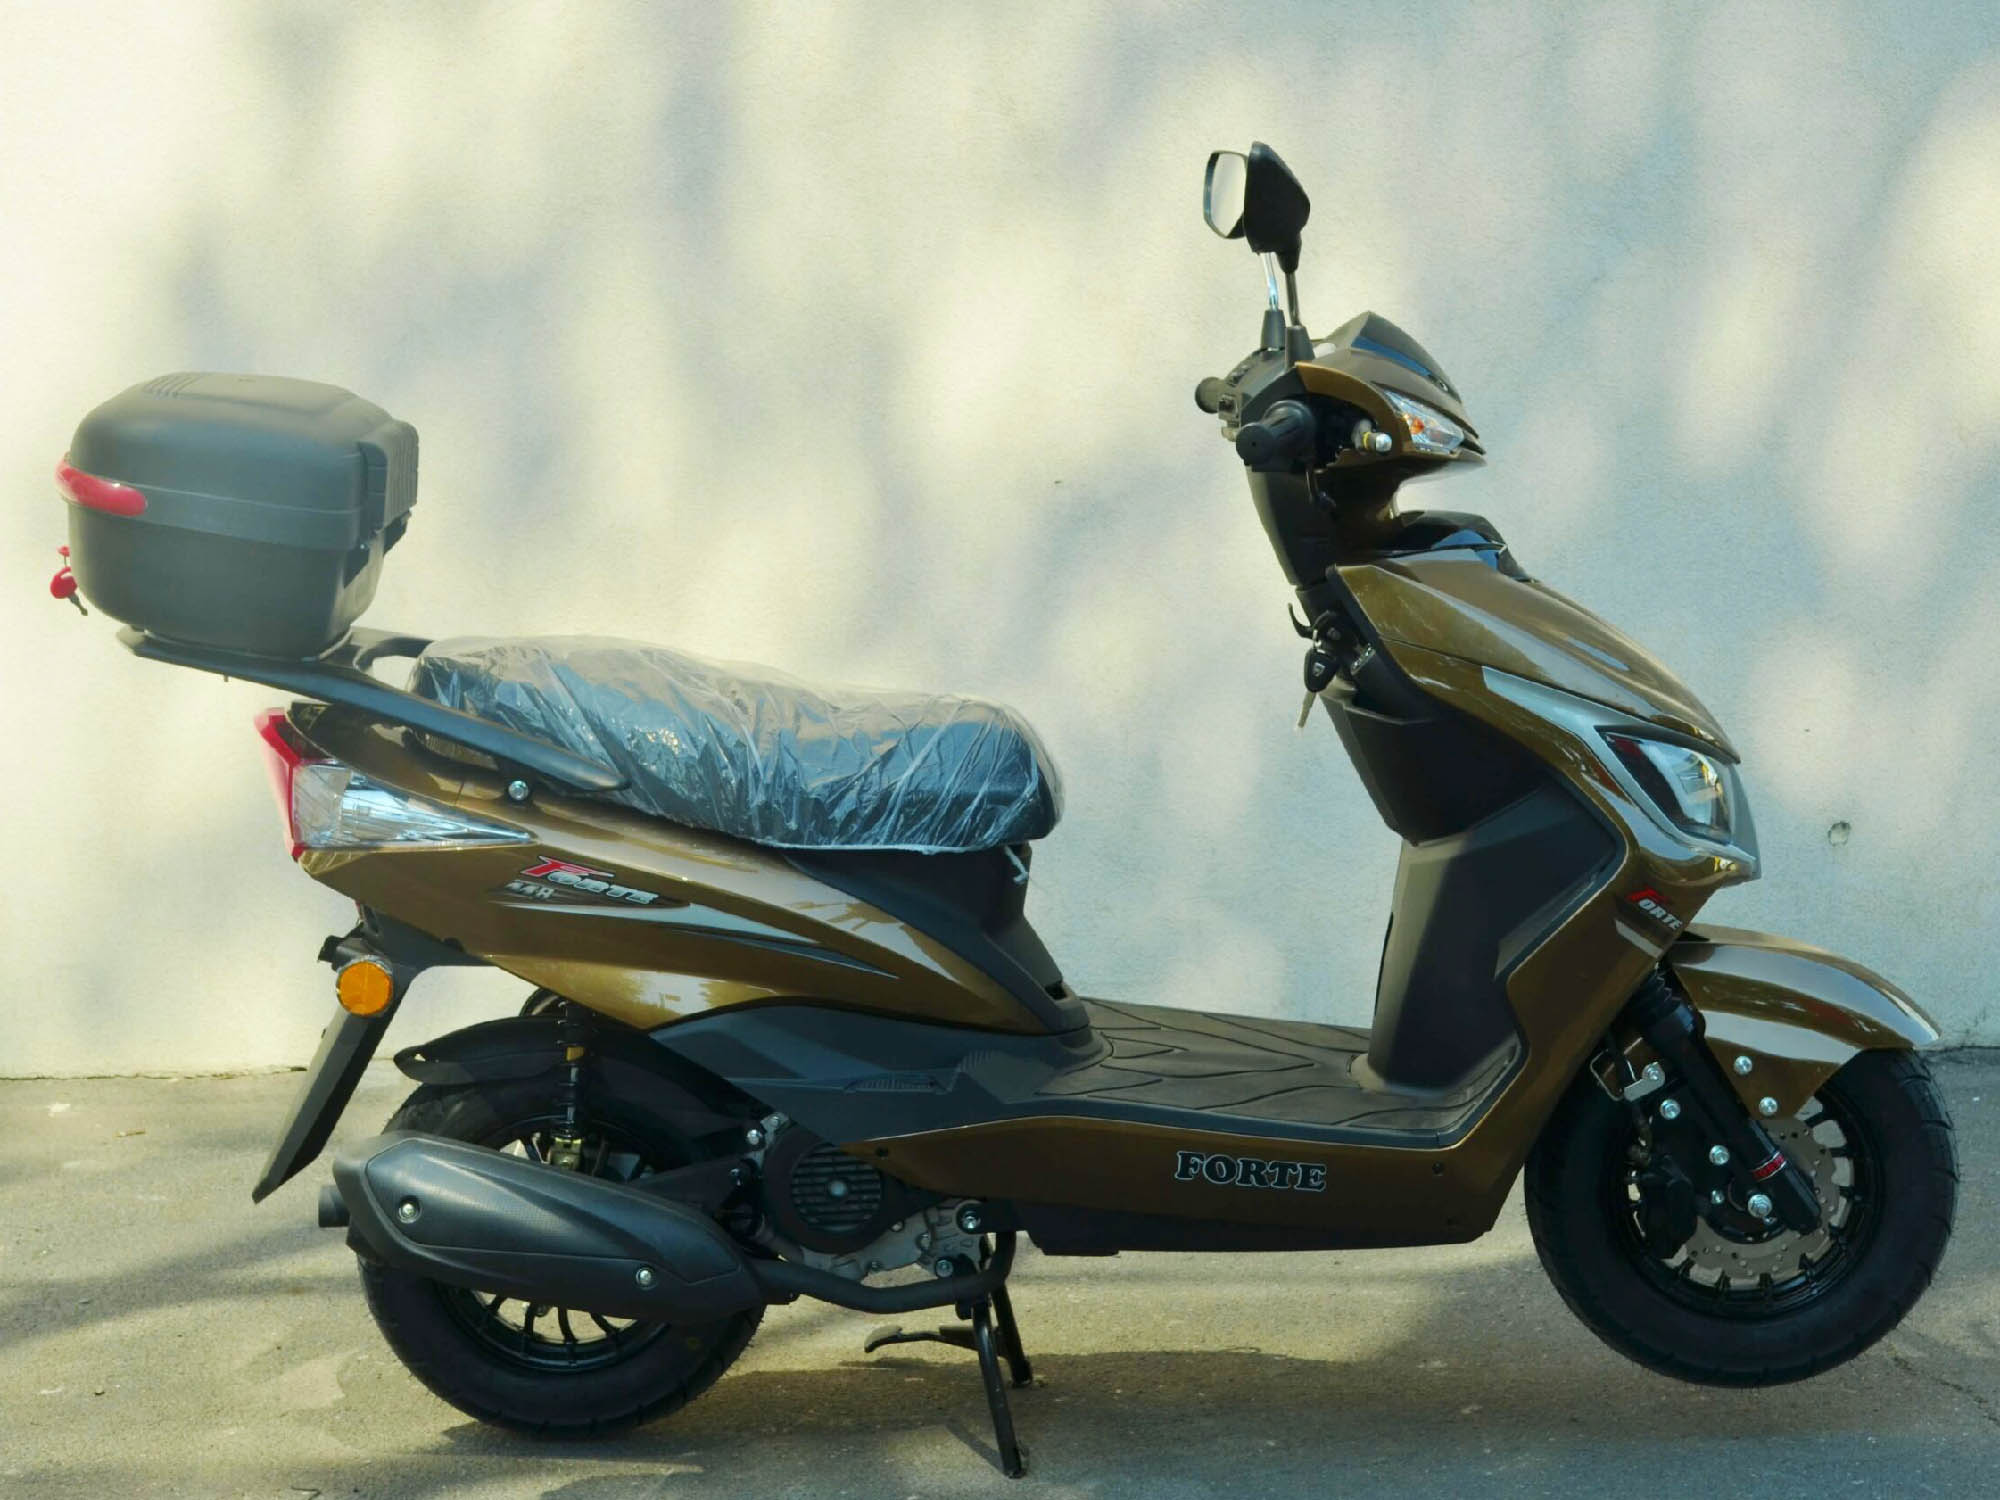 Скутер Forte M8 цвет золотистый металлик вид справа купить по низкой цене